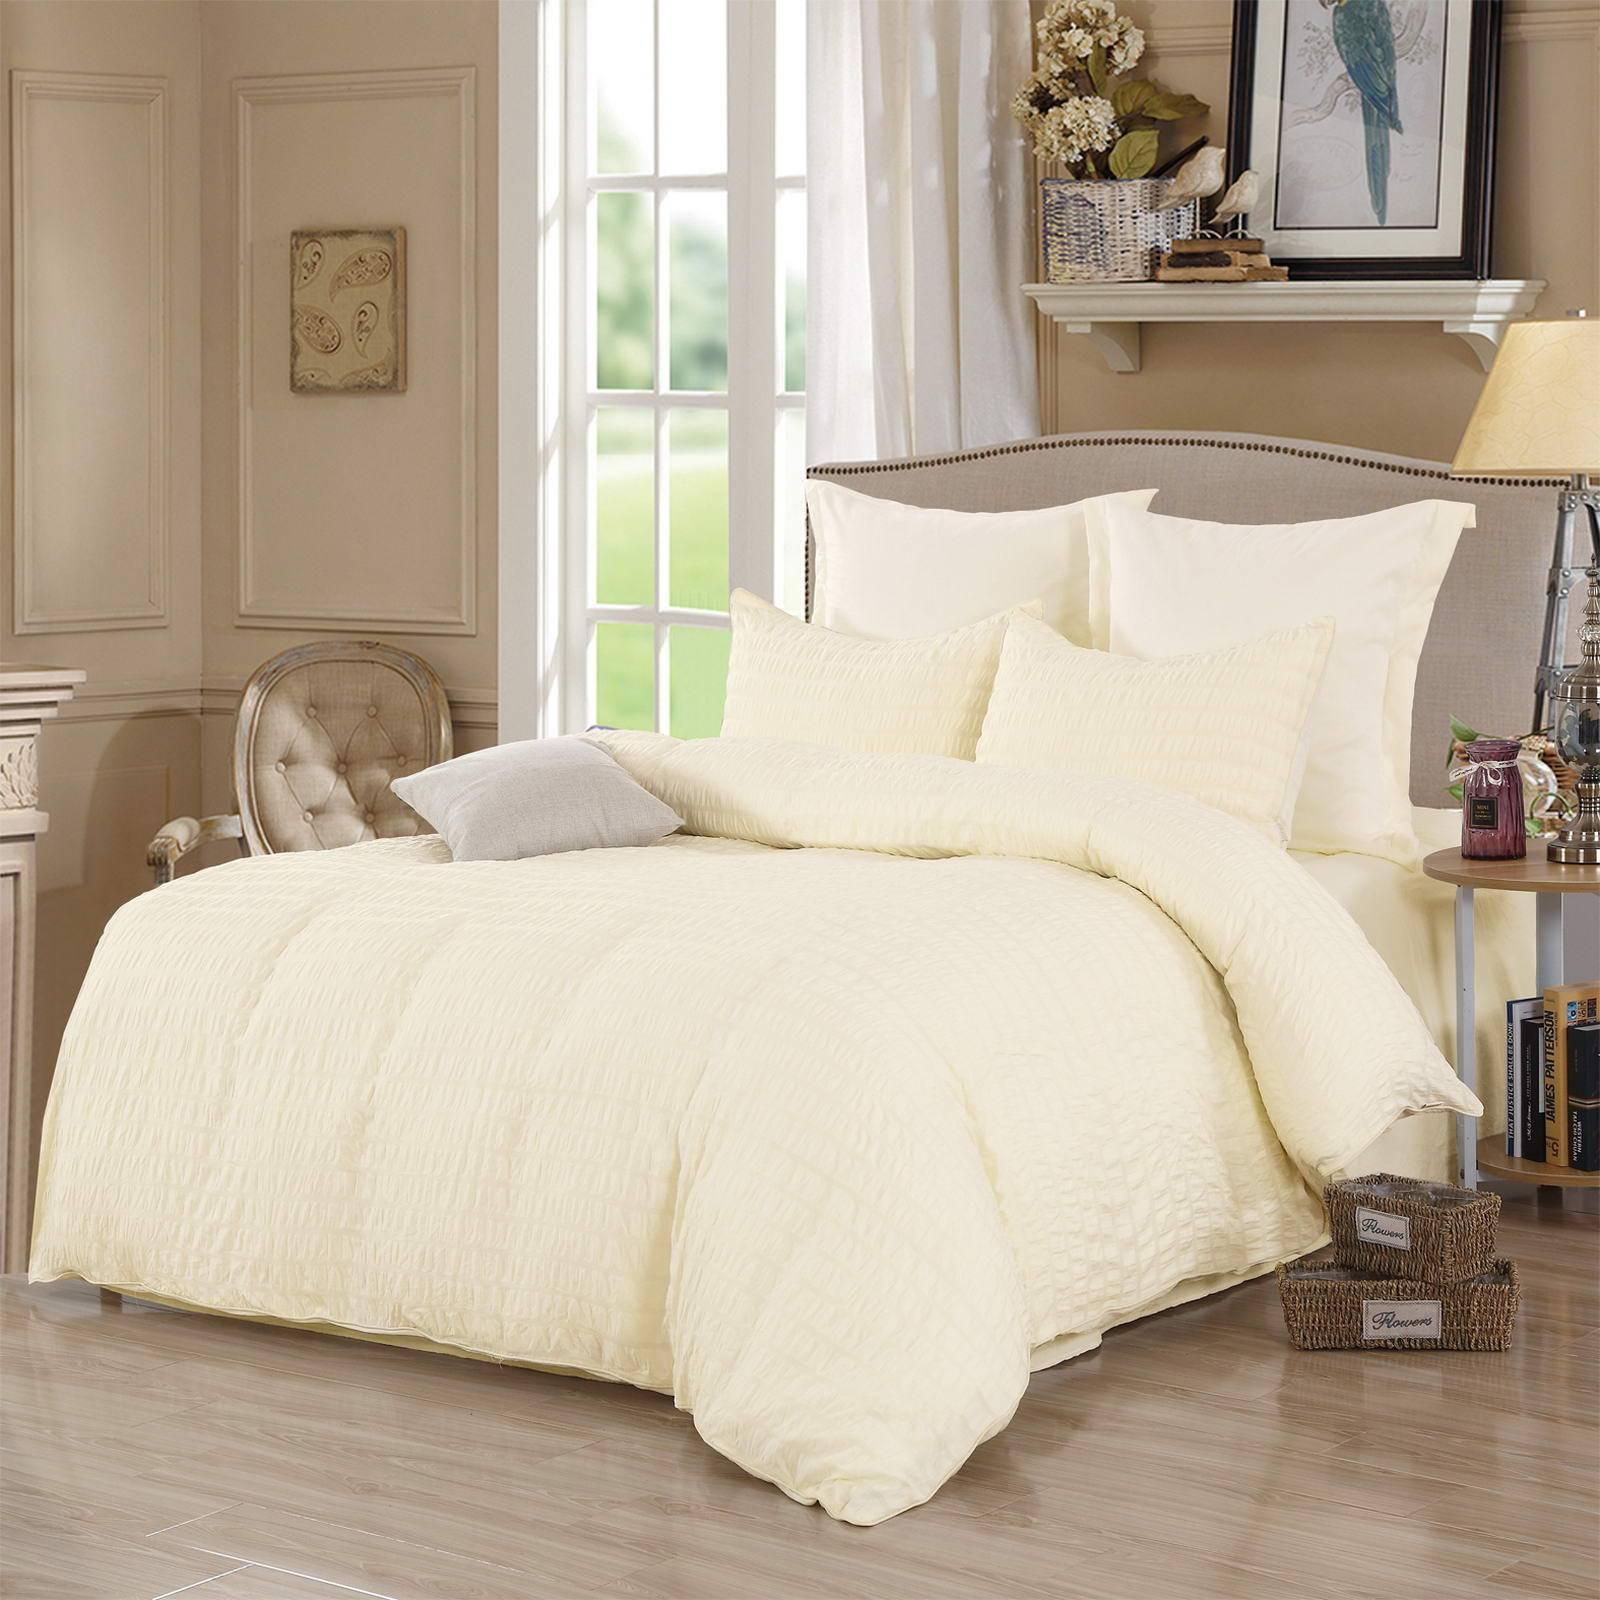 Комплект постельного белья Sofi De Marko Найтири Двуспальный евро (ЕВРО-0001Н) недорого